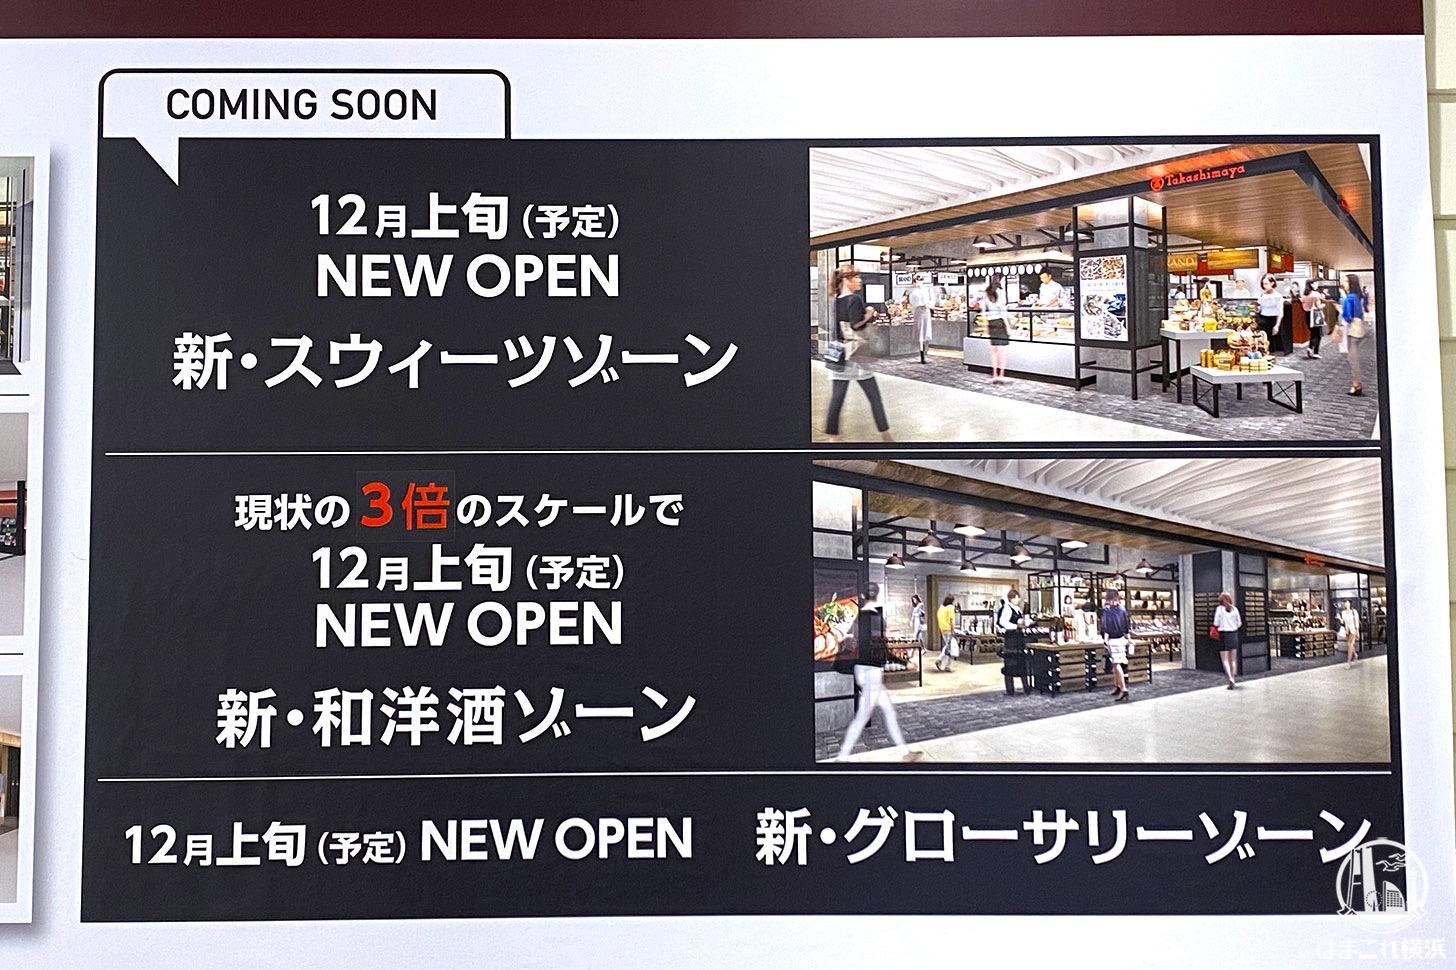 横浜高島屋にグローサリーや和洋酒の新ゾーン12月上旬オープン予定!ジョイナス地下の増床